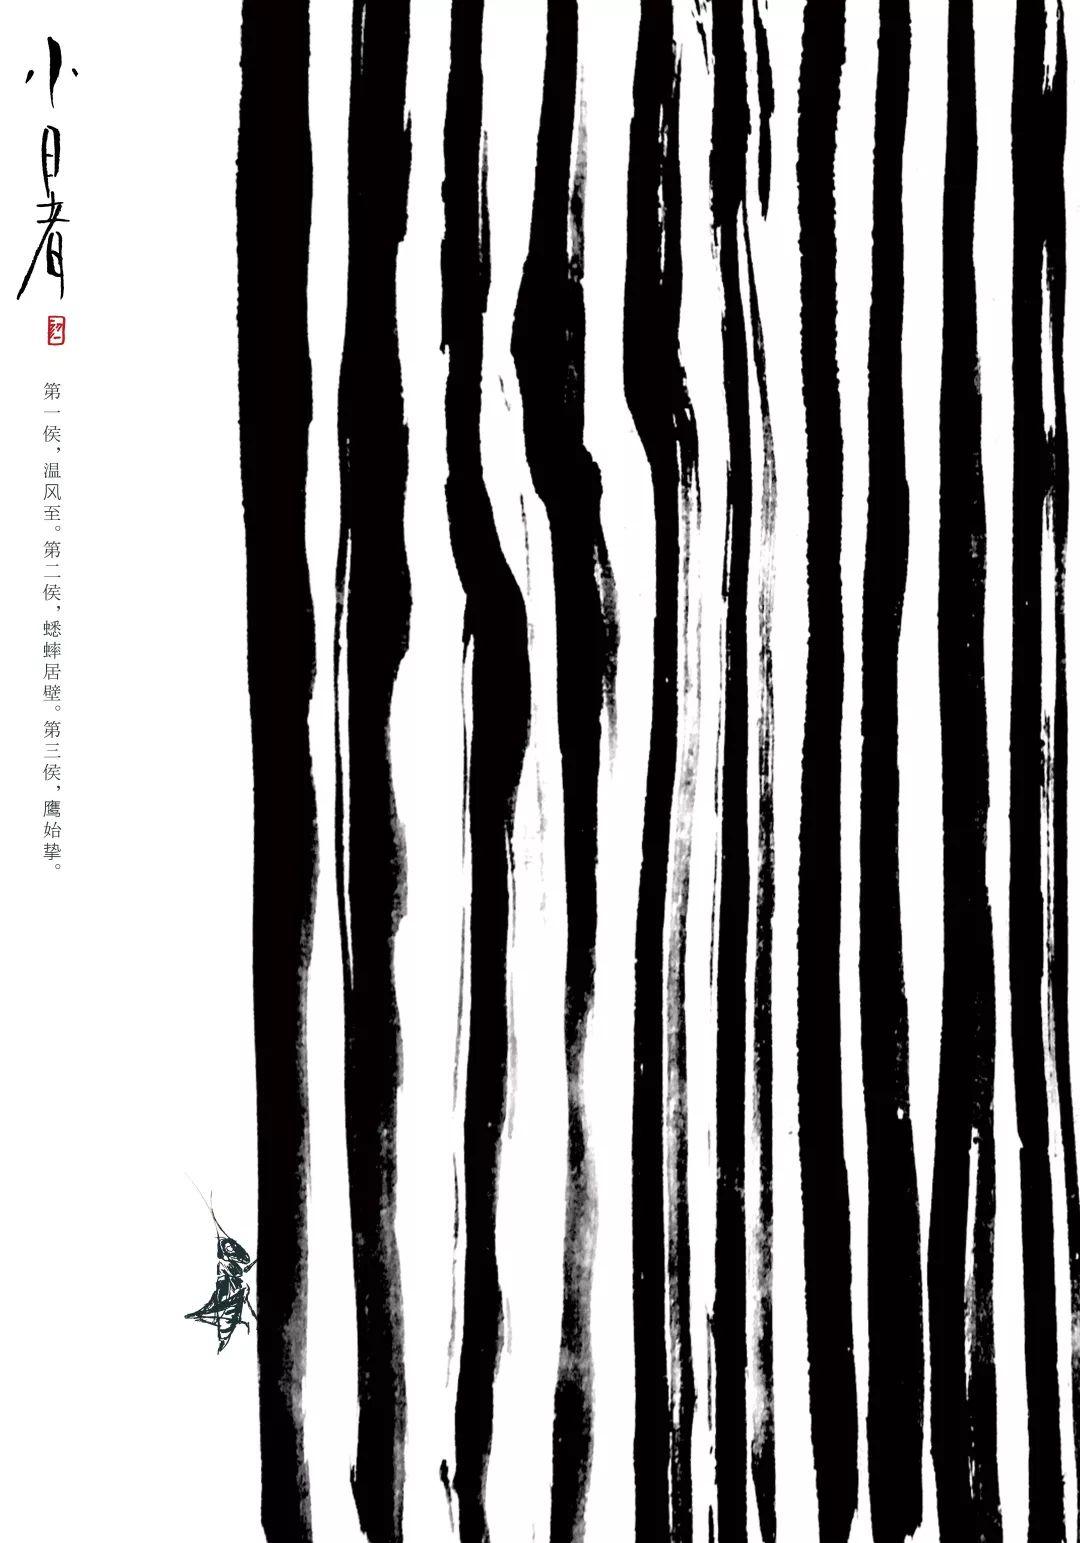 数字郑州网际星雨_二十四节气创意计划 |小暑_设计